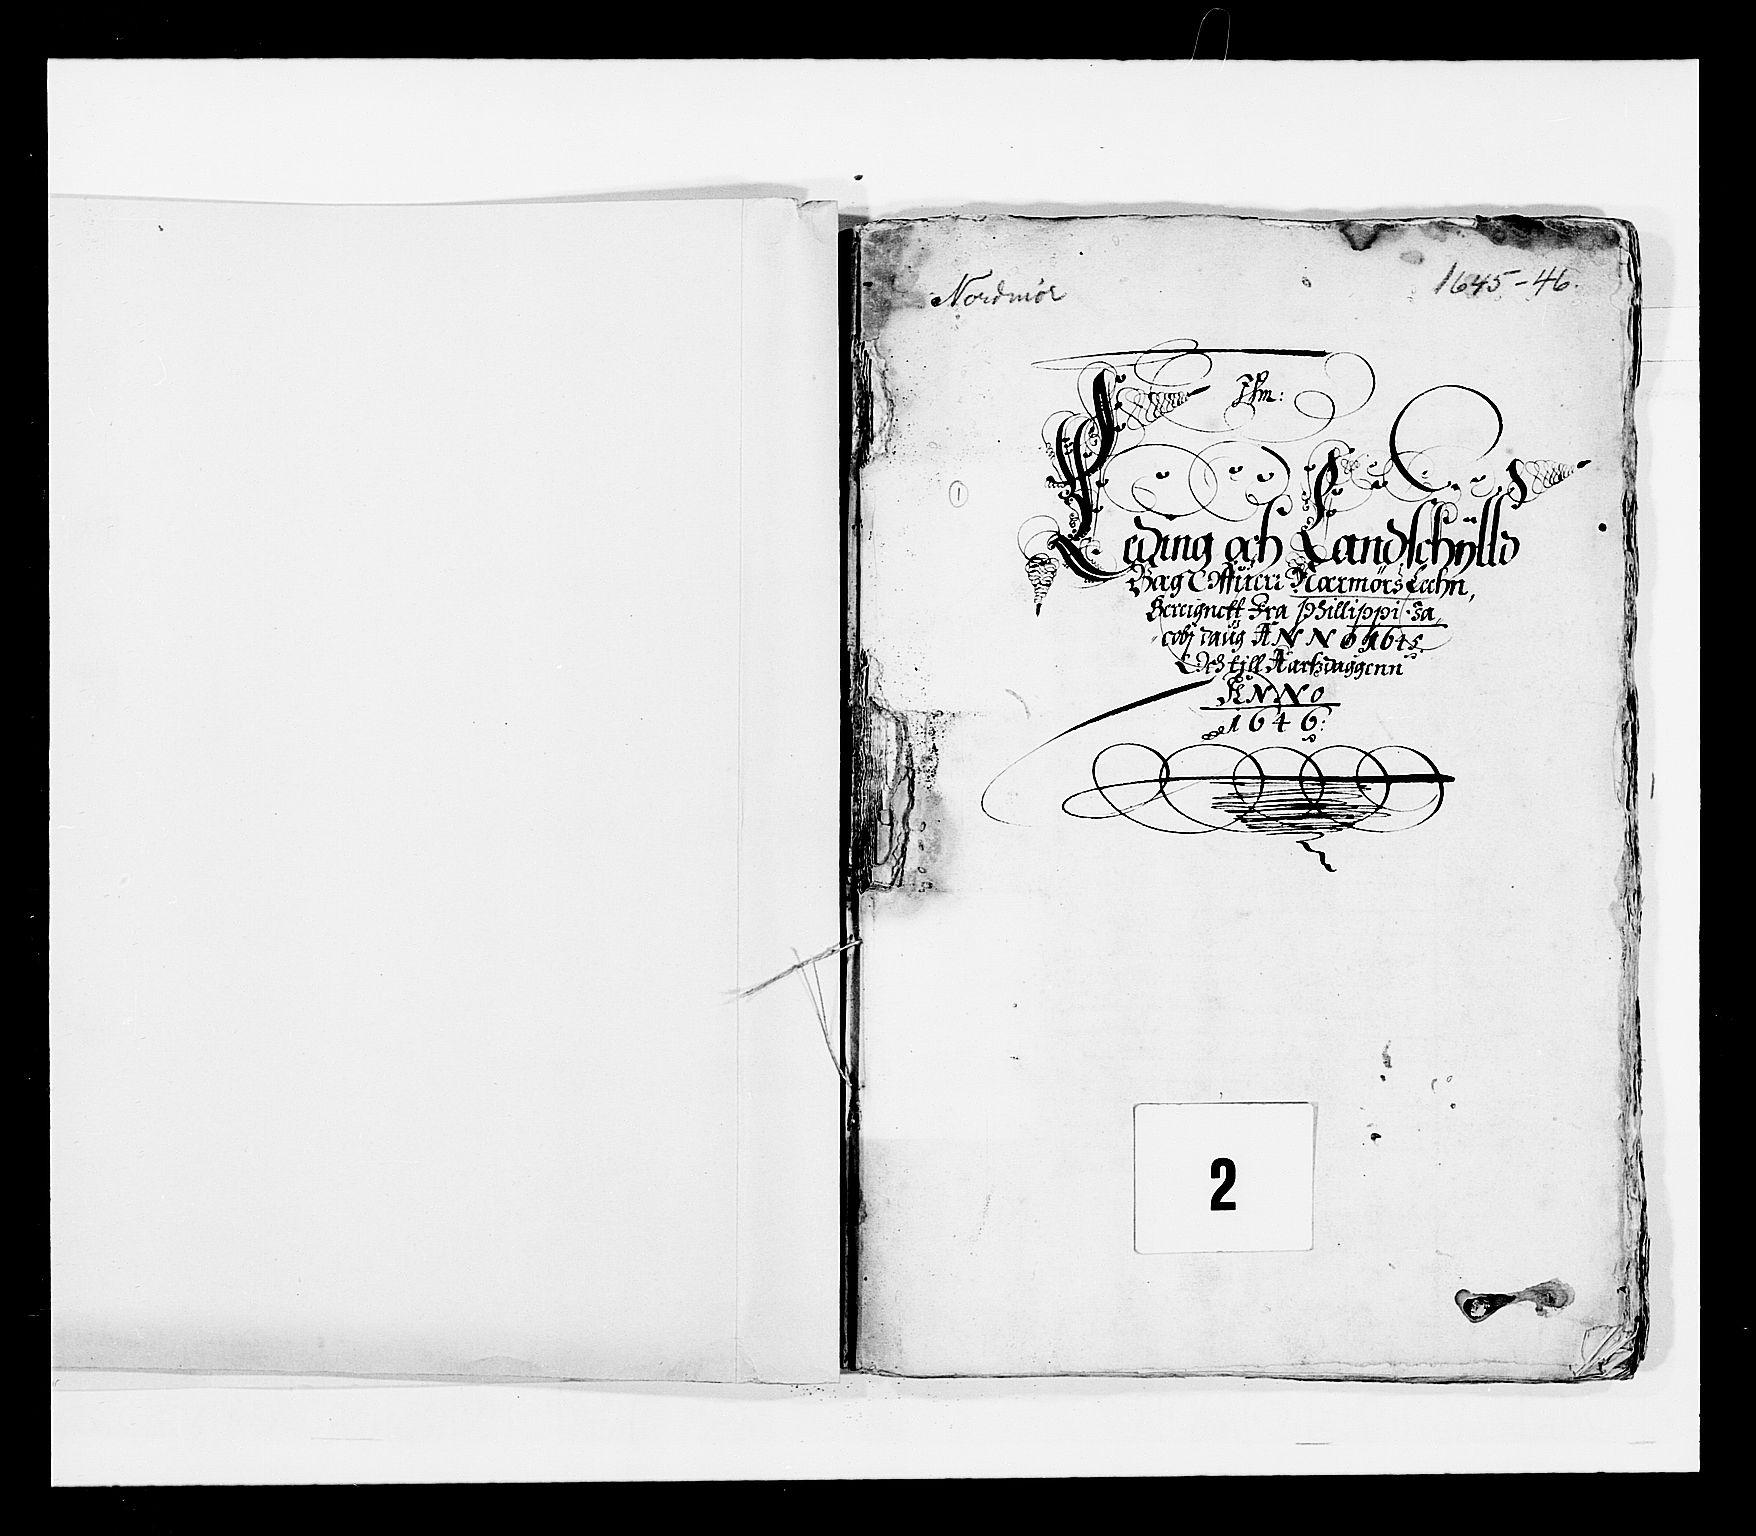 RA, Stattholderembetet 1572-1771, Ek/L0028: Jordebøker 1633-1658:, 1645-1646, s. 2